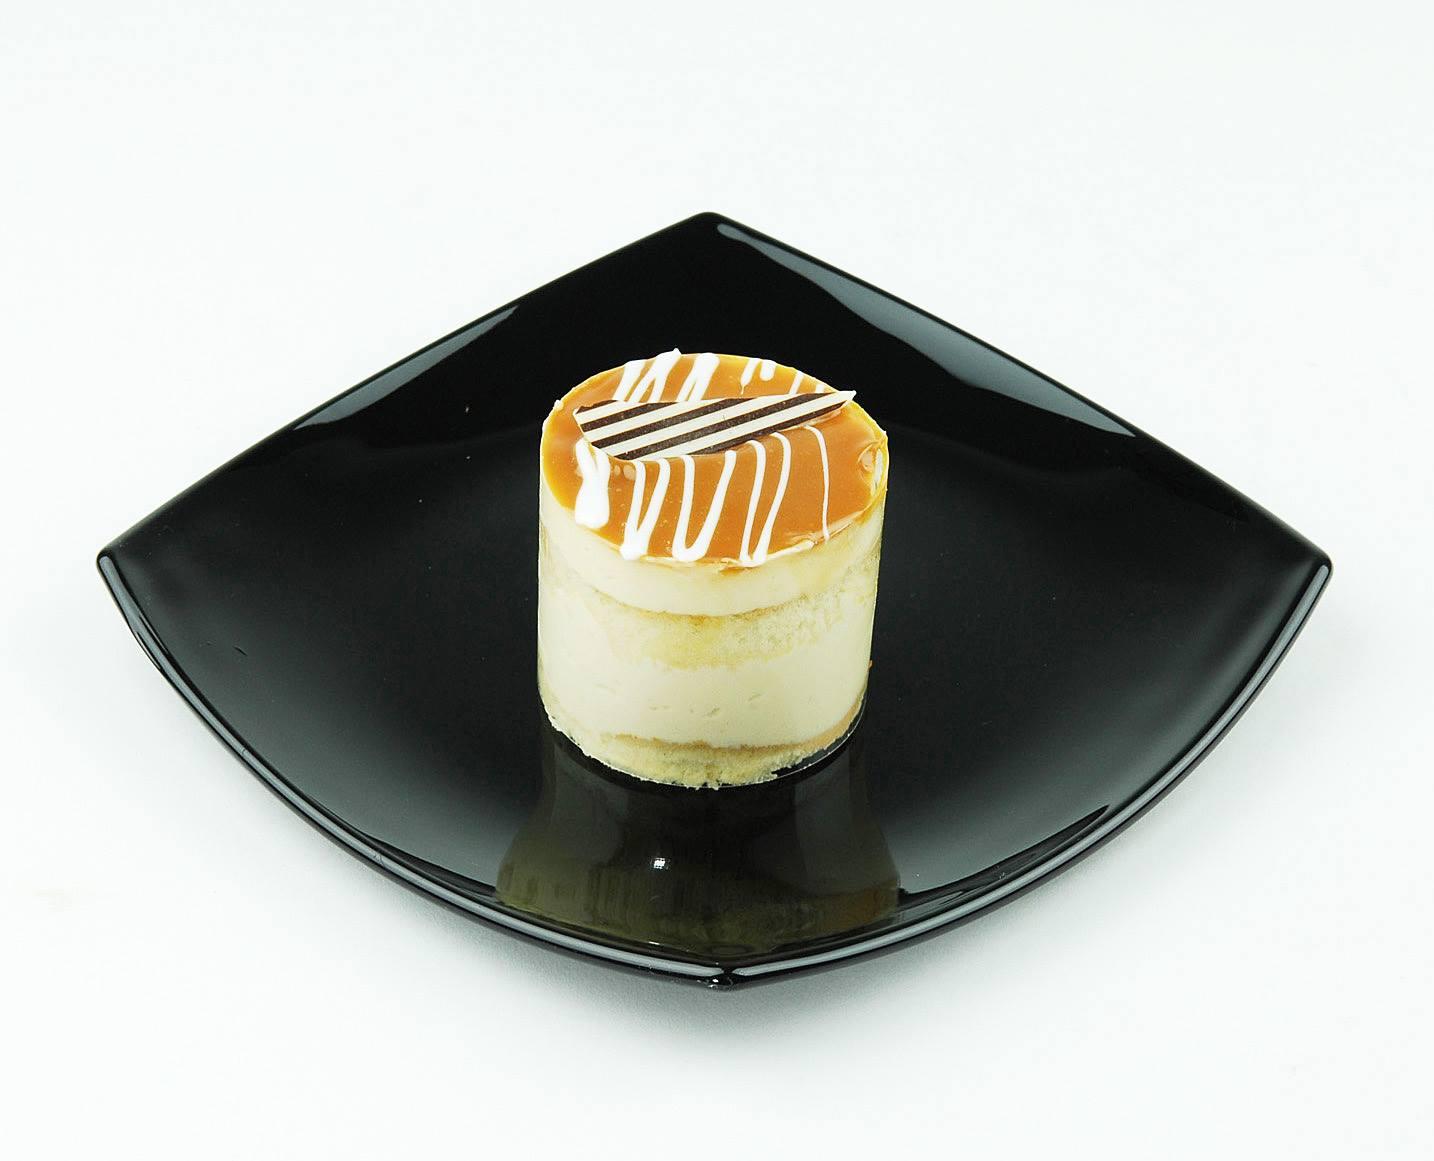 Mogyorós extra mini mousse torta